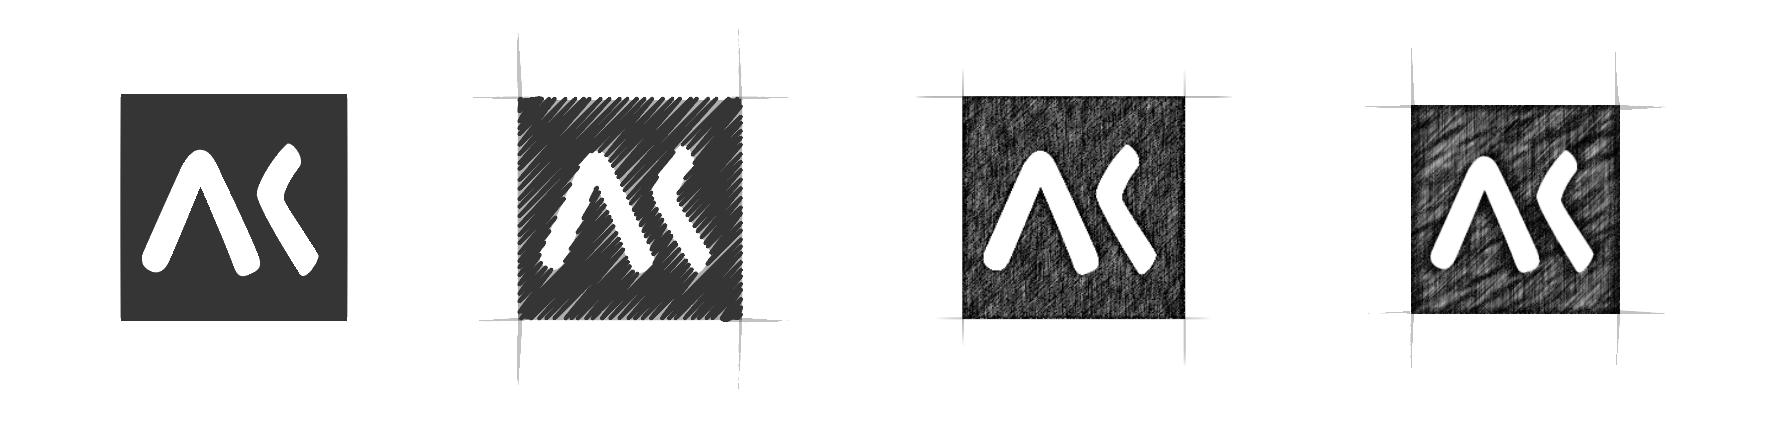 Mise au point de la texture crayonné pour le logo Akiani